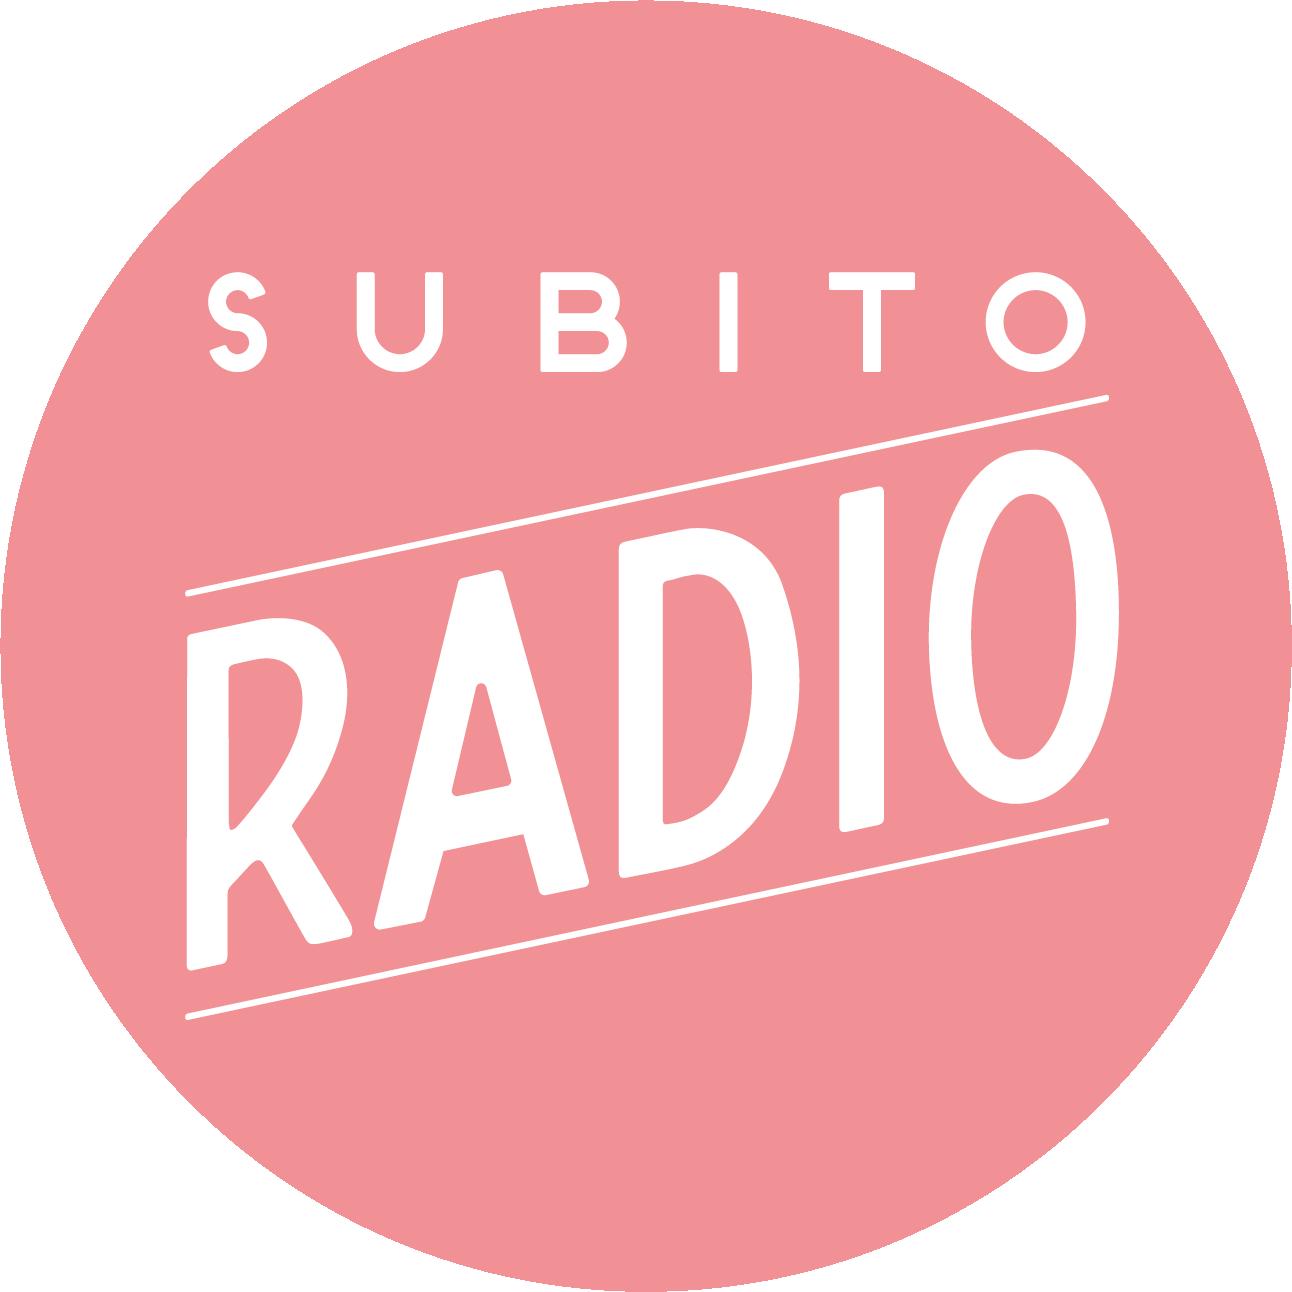 Subito Radio